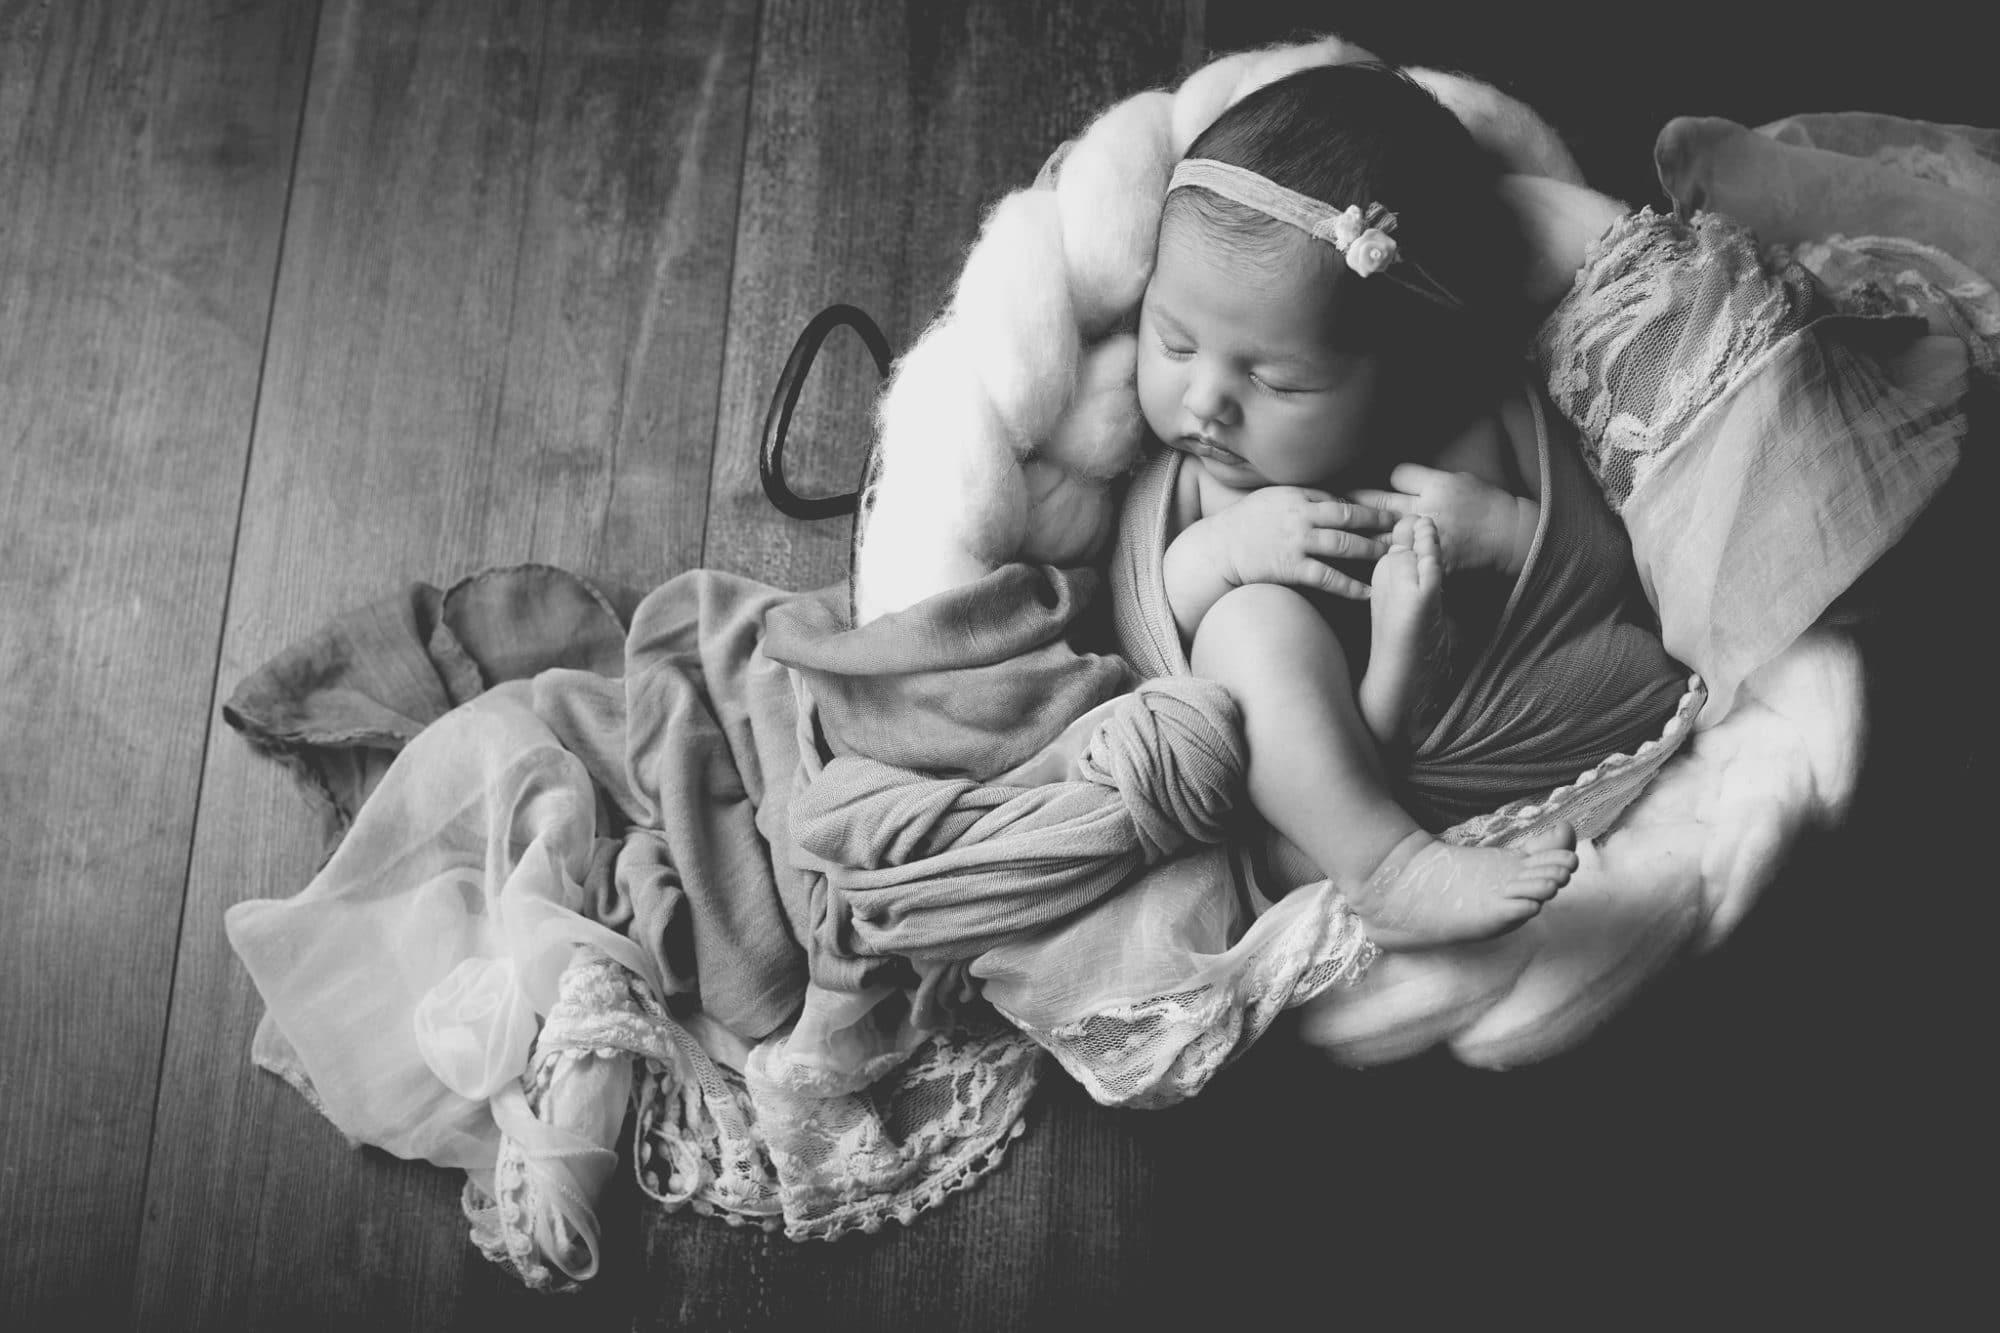 photographier son bébé à sa naissance